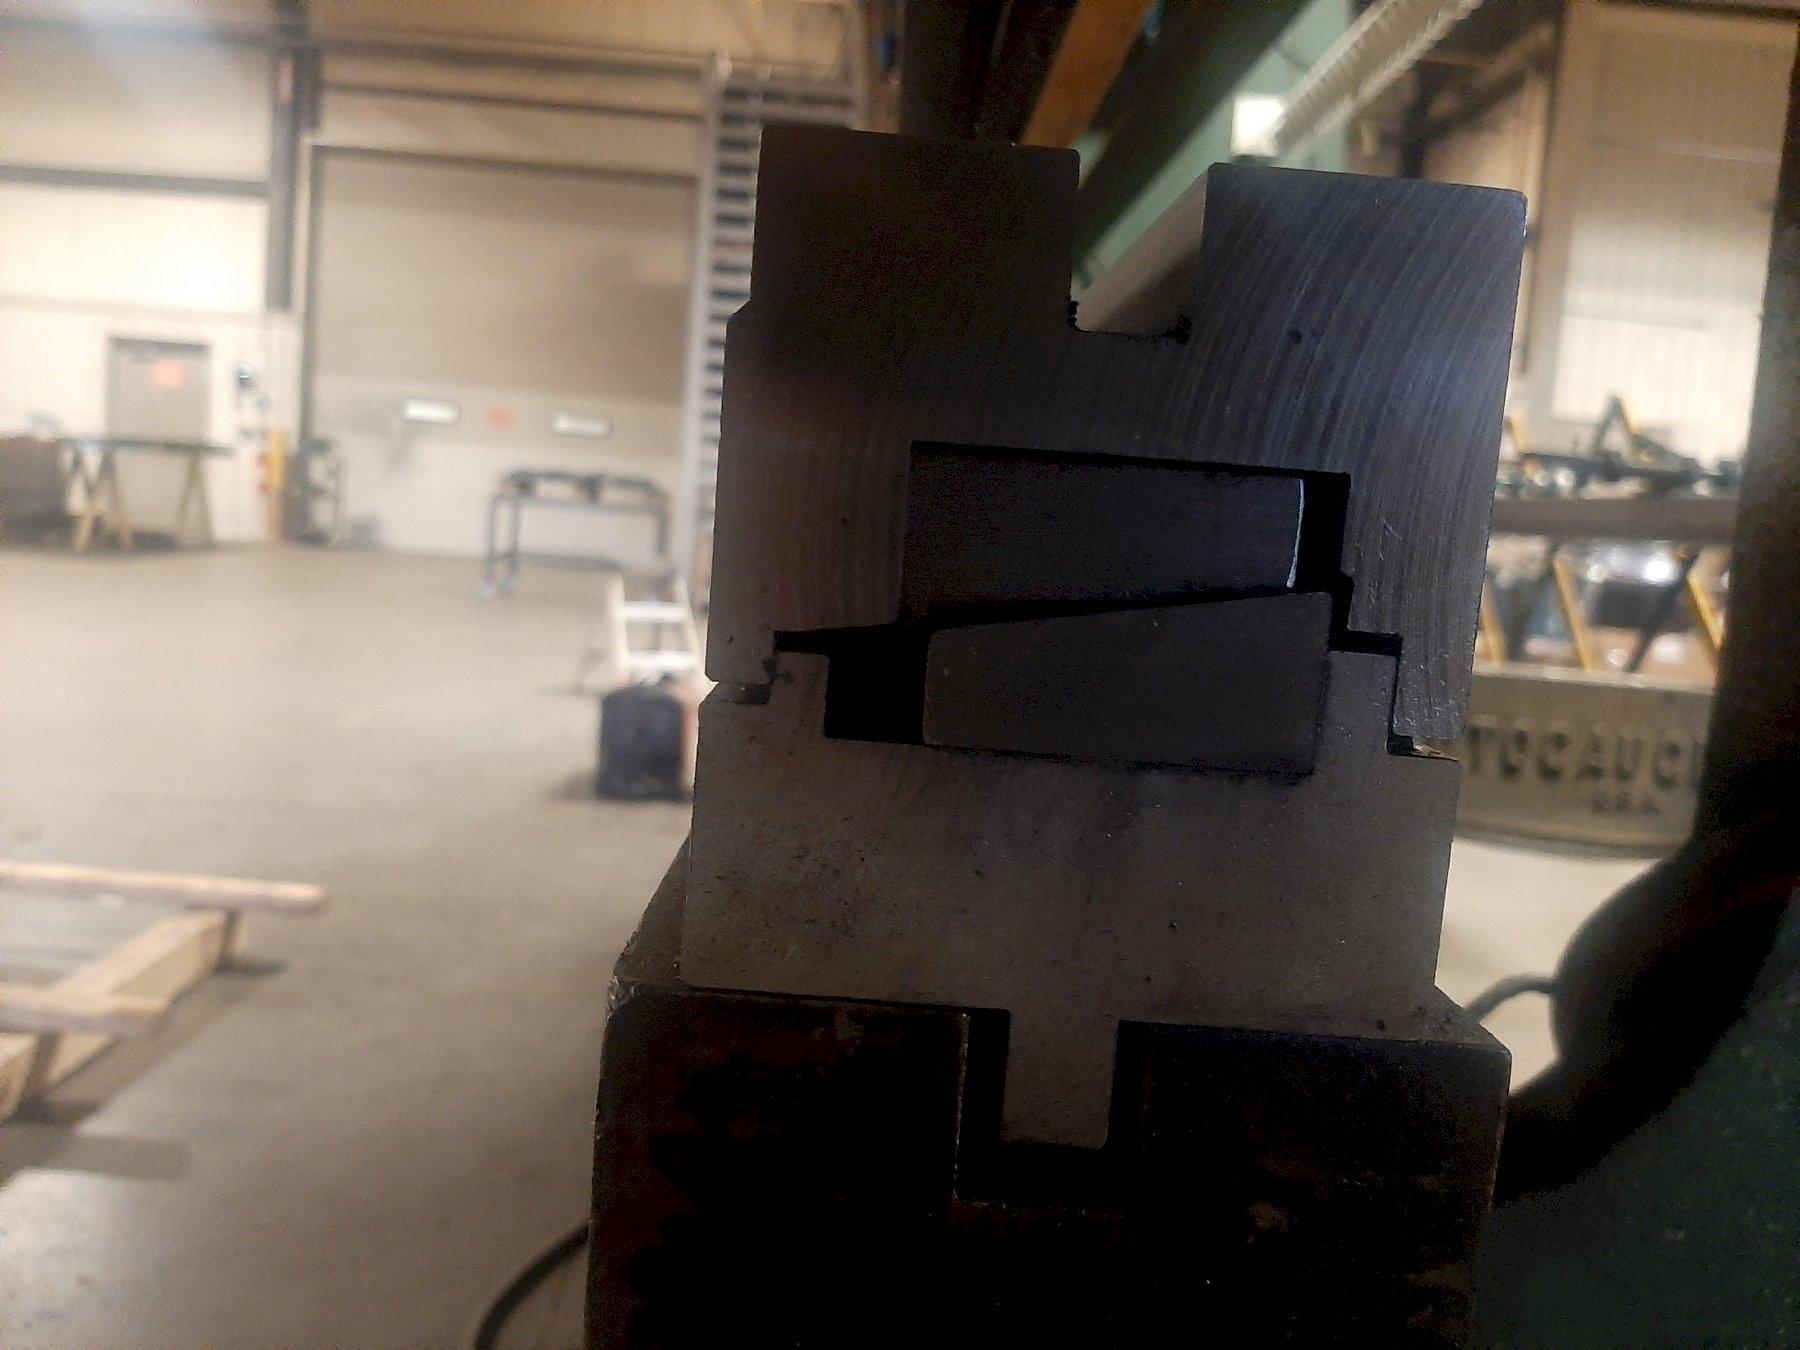 120/80 ton x 12' CHICAGO D&K MECHANICAL PRESS BRAKE, MODEL 1012M, AUTOGAUGE CNC GAUGE, 2018 AUTO COMPENSATING DIE HOLDER, ISB LIGHT CURTAINS, JR